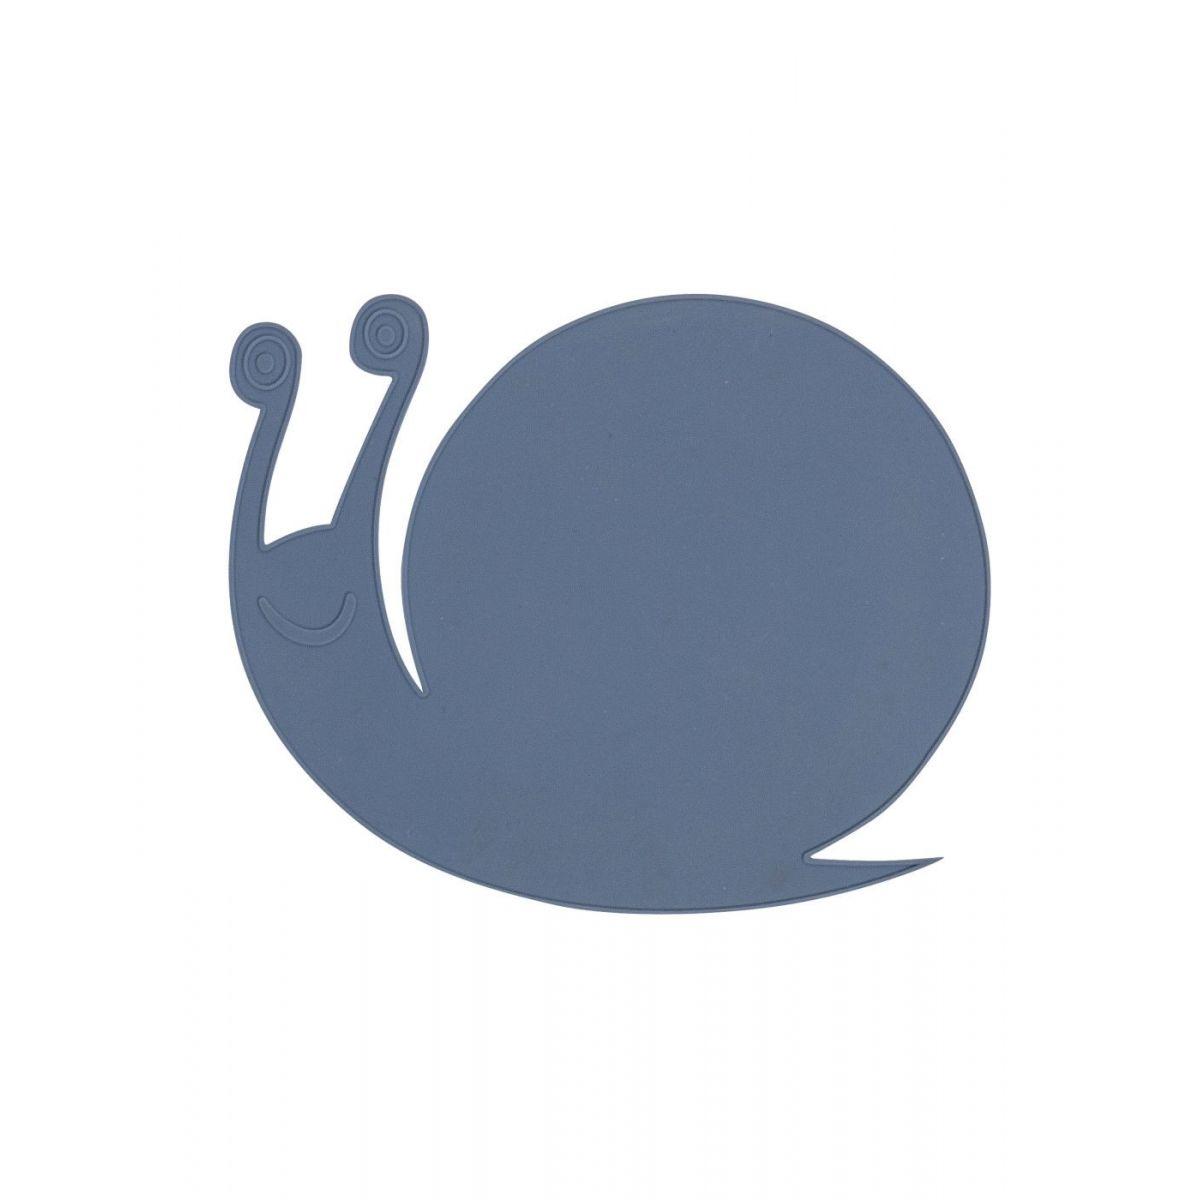 Bloomingville Podkładka pod talerz ślimak niebieska